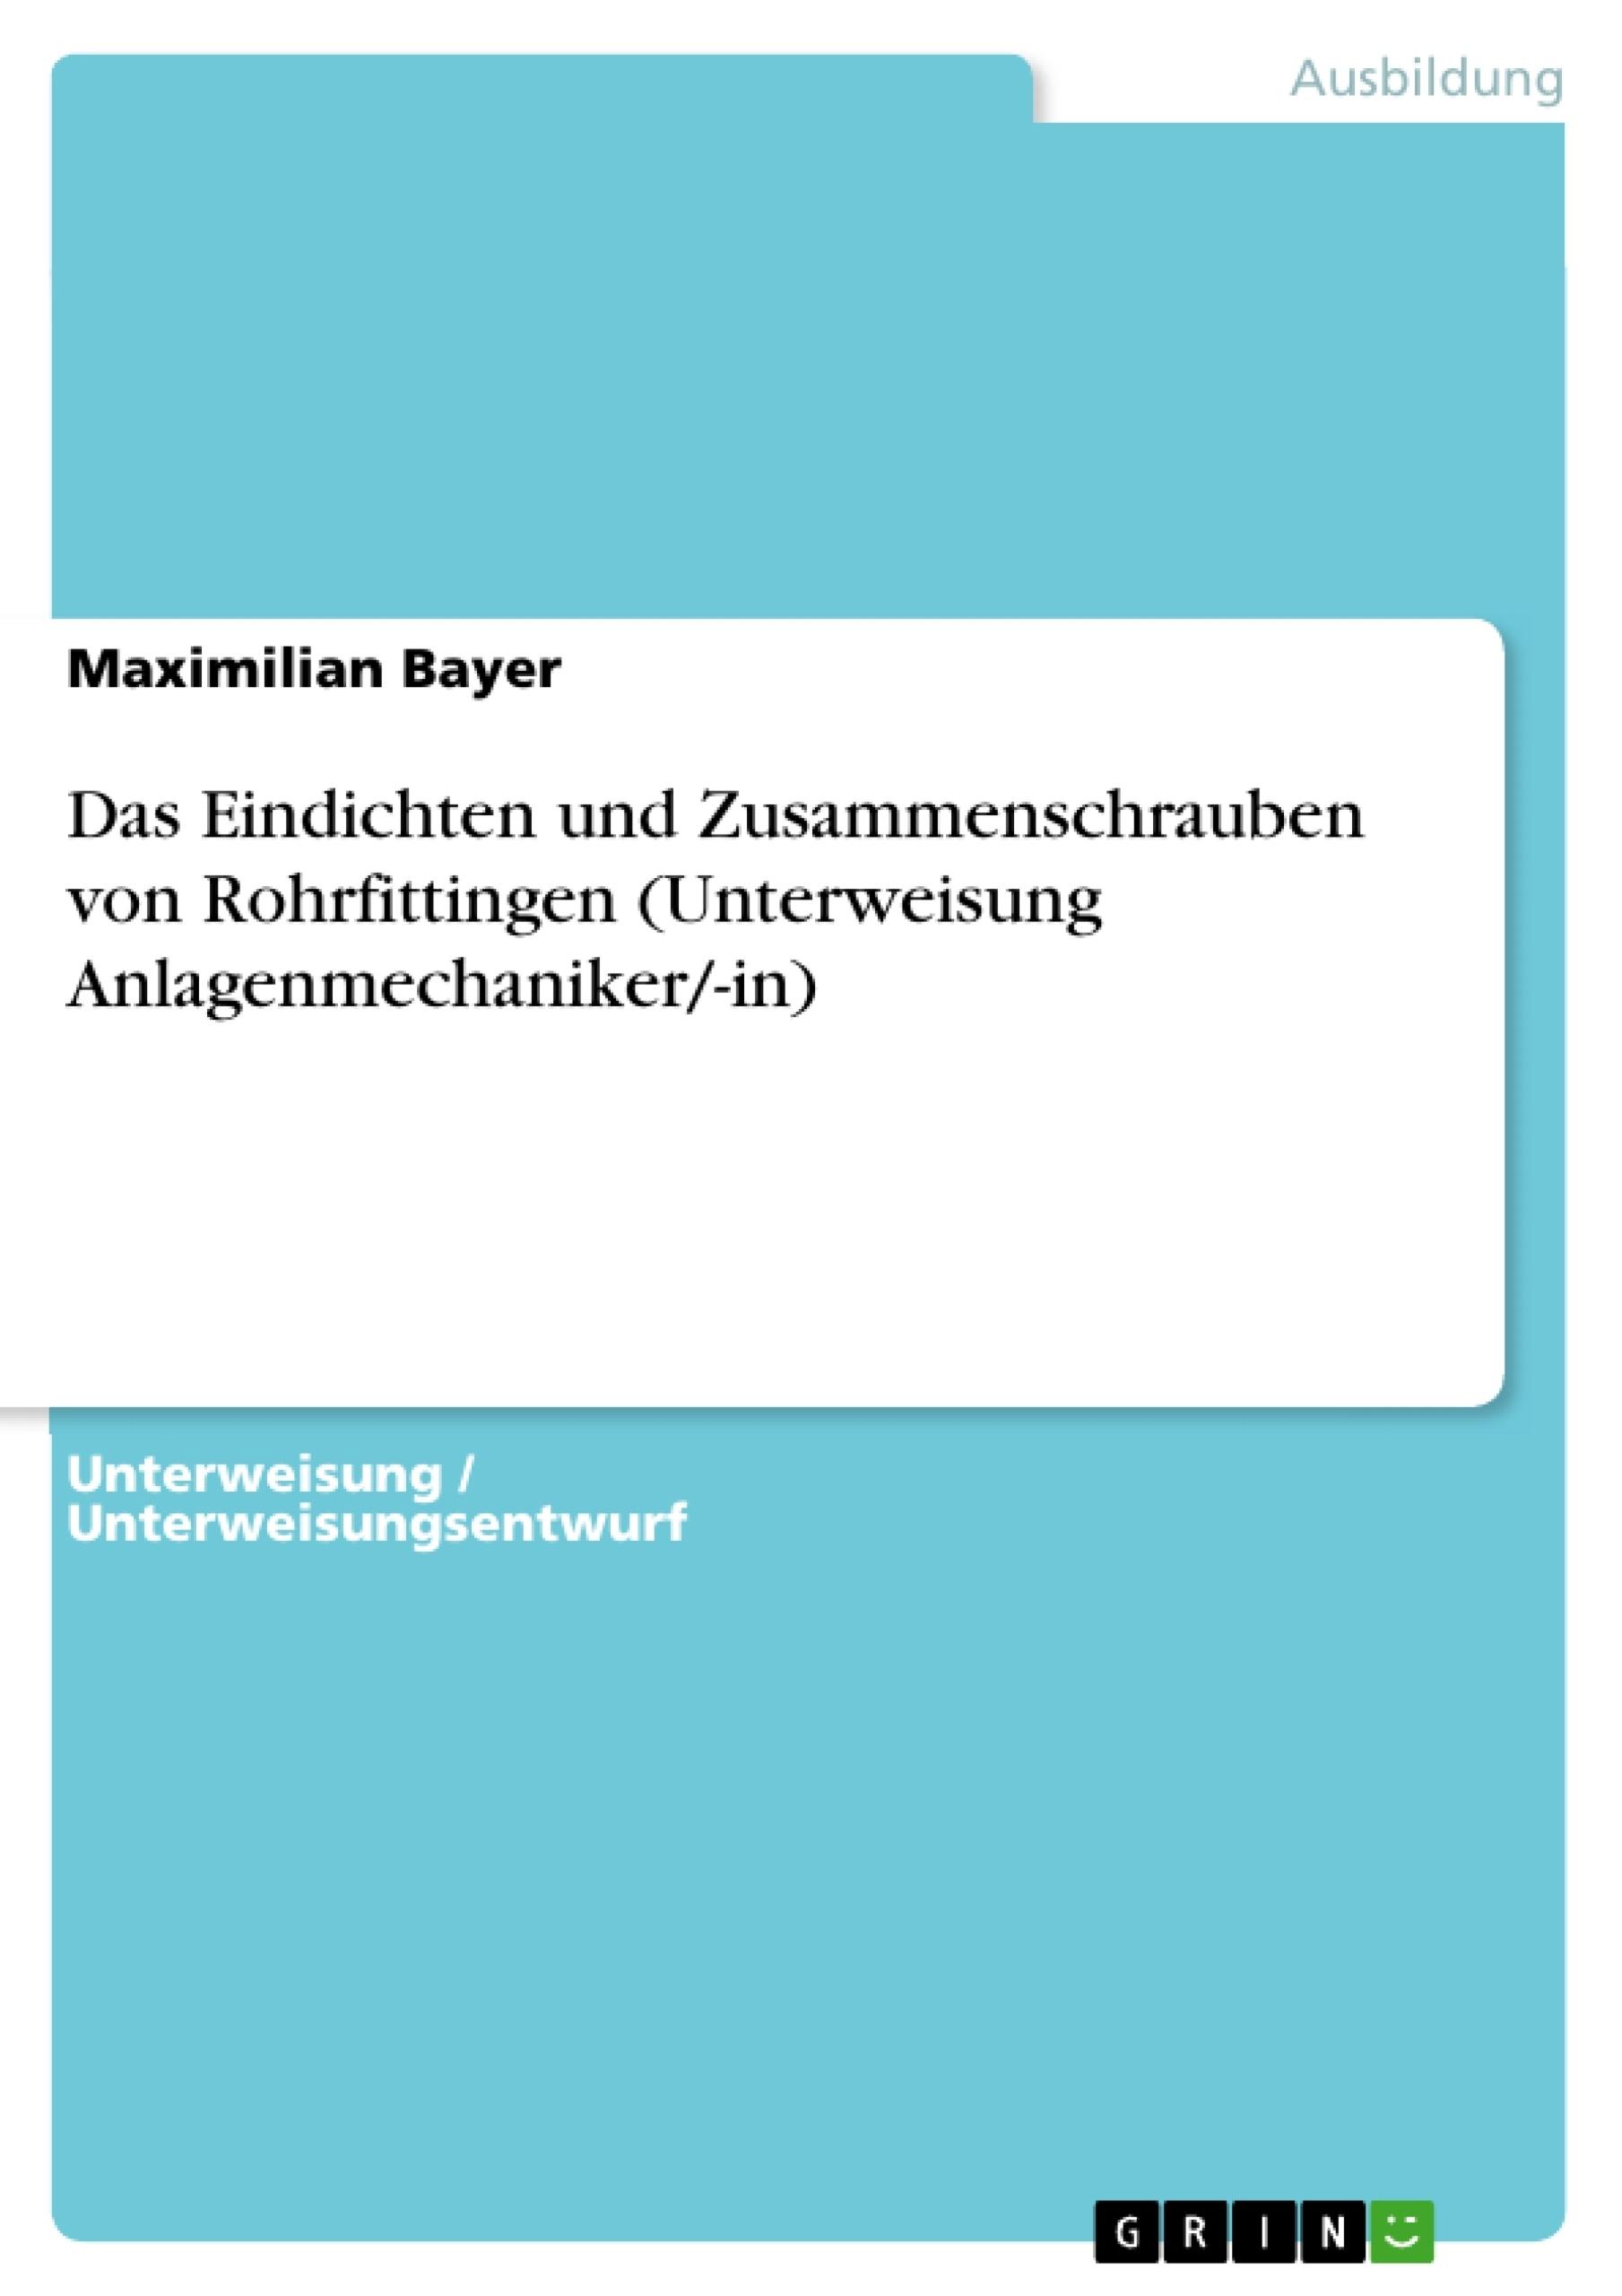 Titel: Das Eindichten und Zusammenschrauben von Rohrfittingen (Unterweisung Anlagenmechaniker/-in)